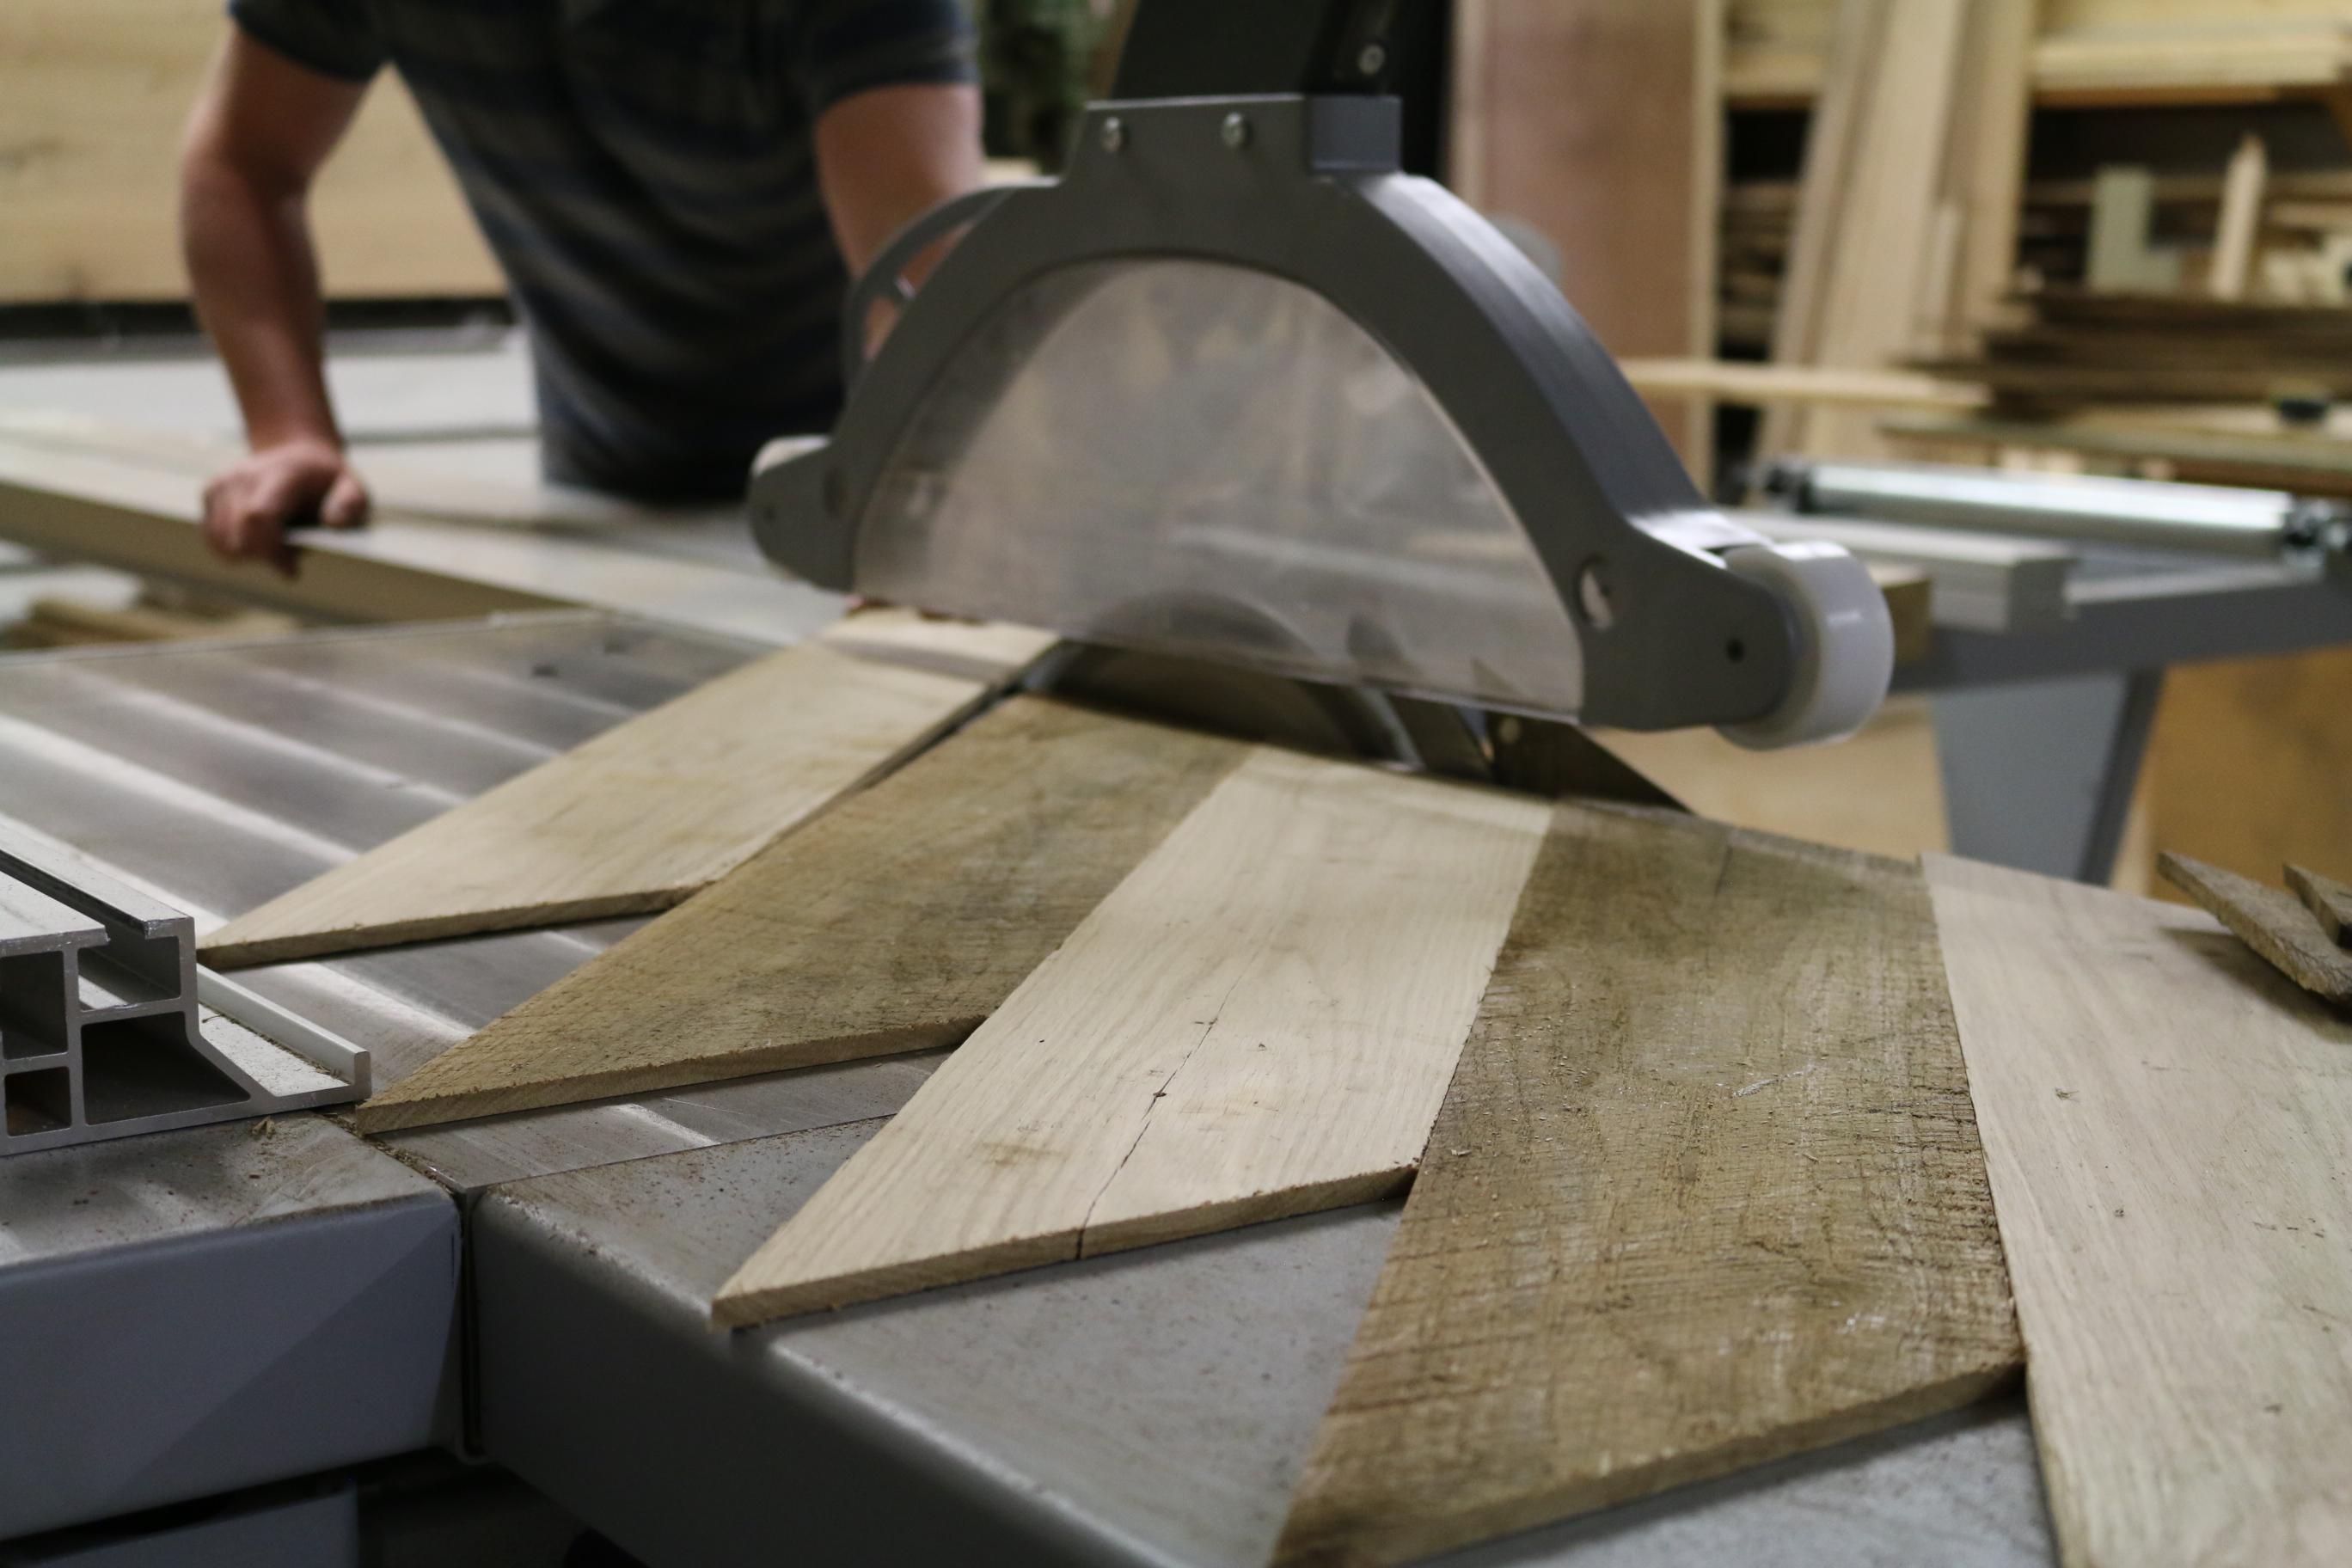 Worker on cross cut saw